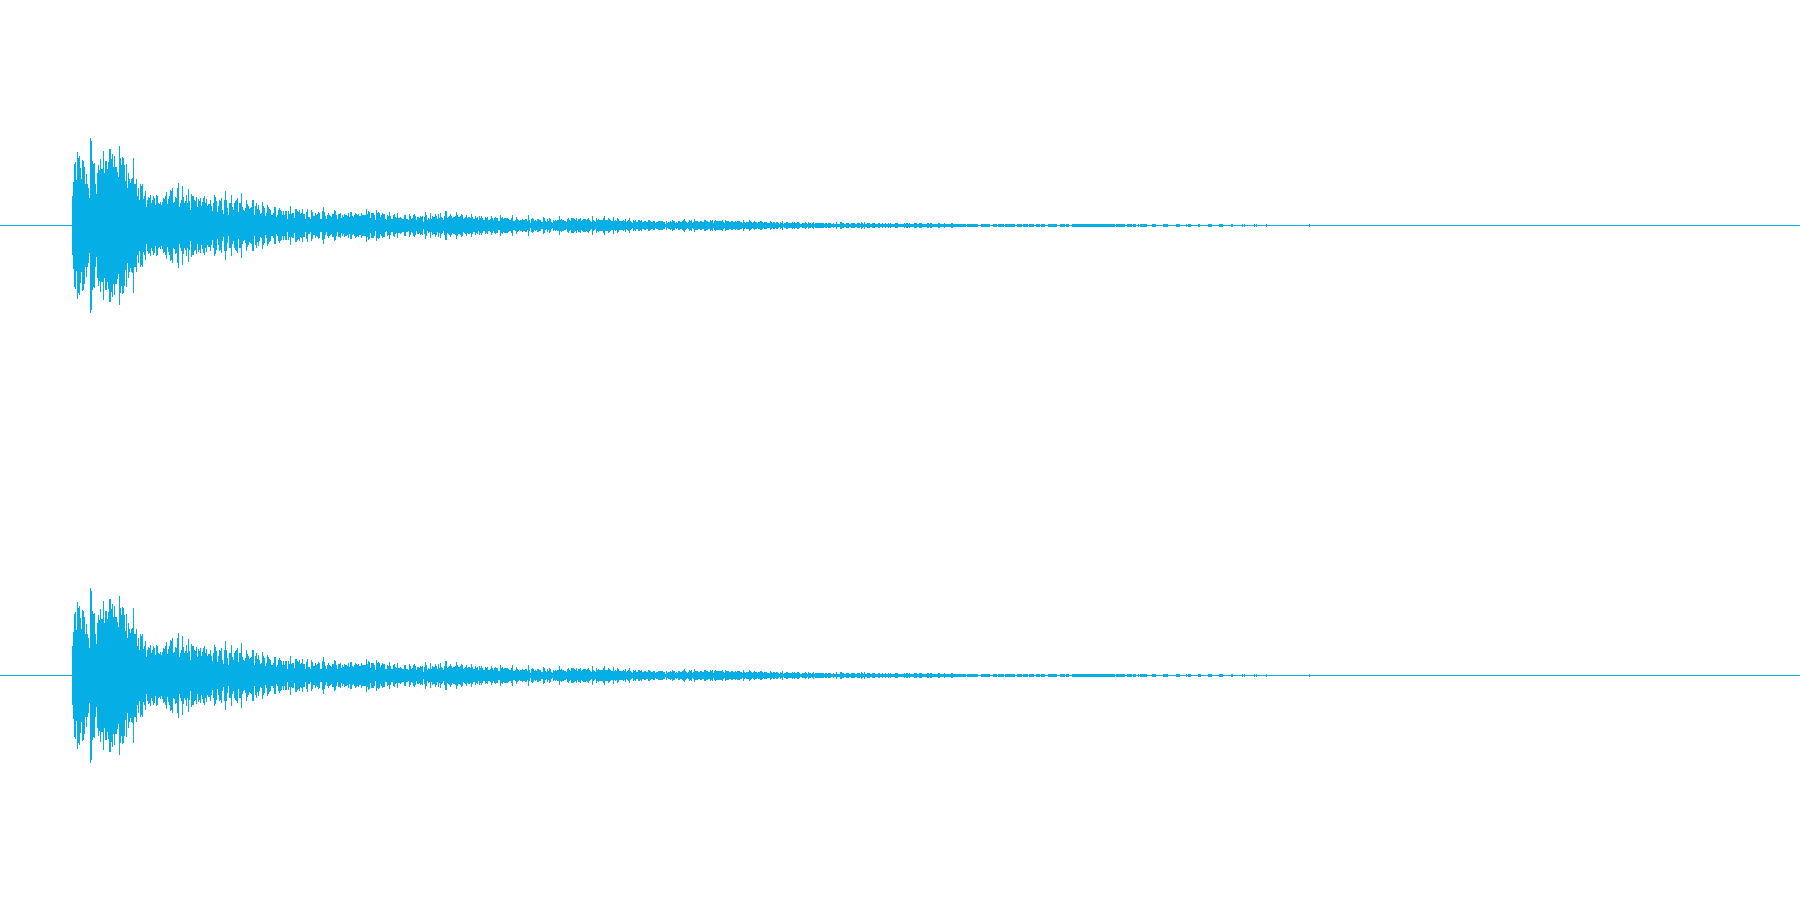 琴をジャラーンと鳴らしたような音(和音)の再生済みの波形